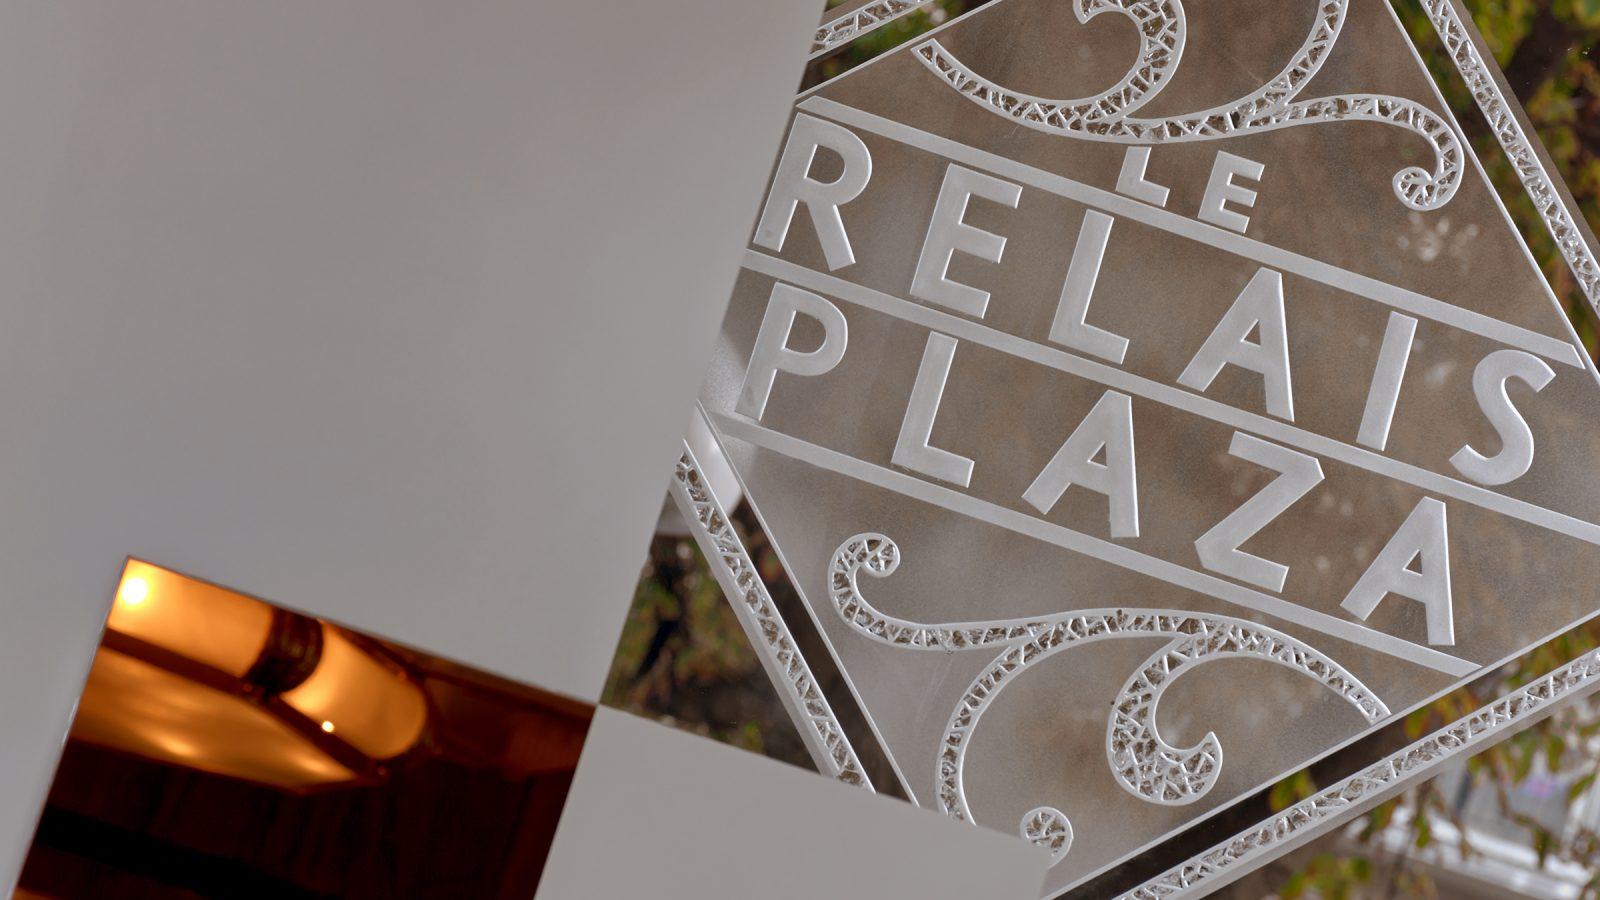 paris-plaza-athenee-relais-plaza-detail-1600x900